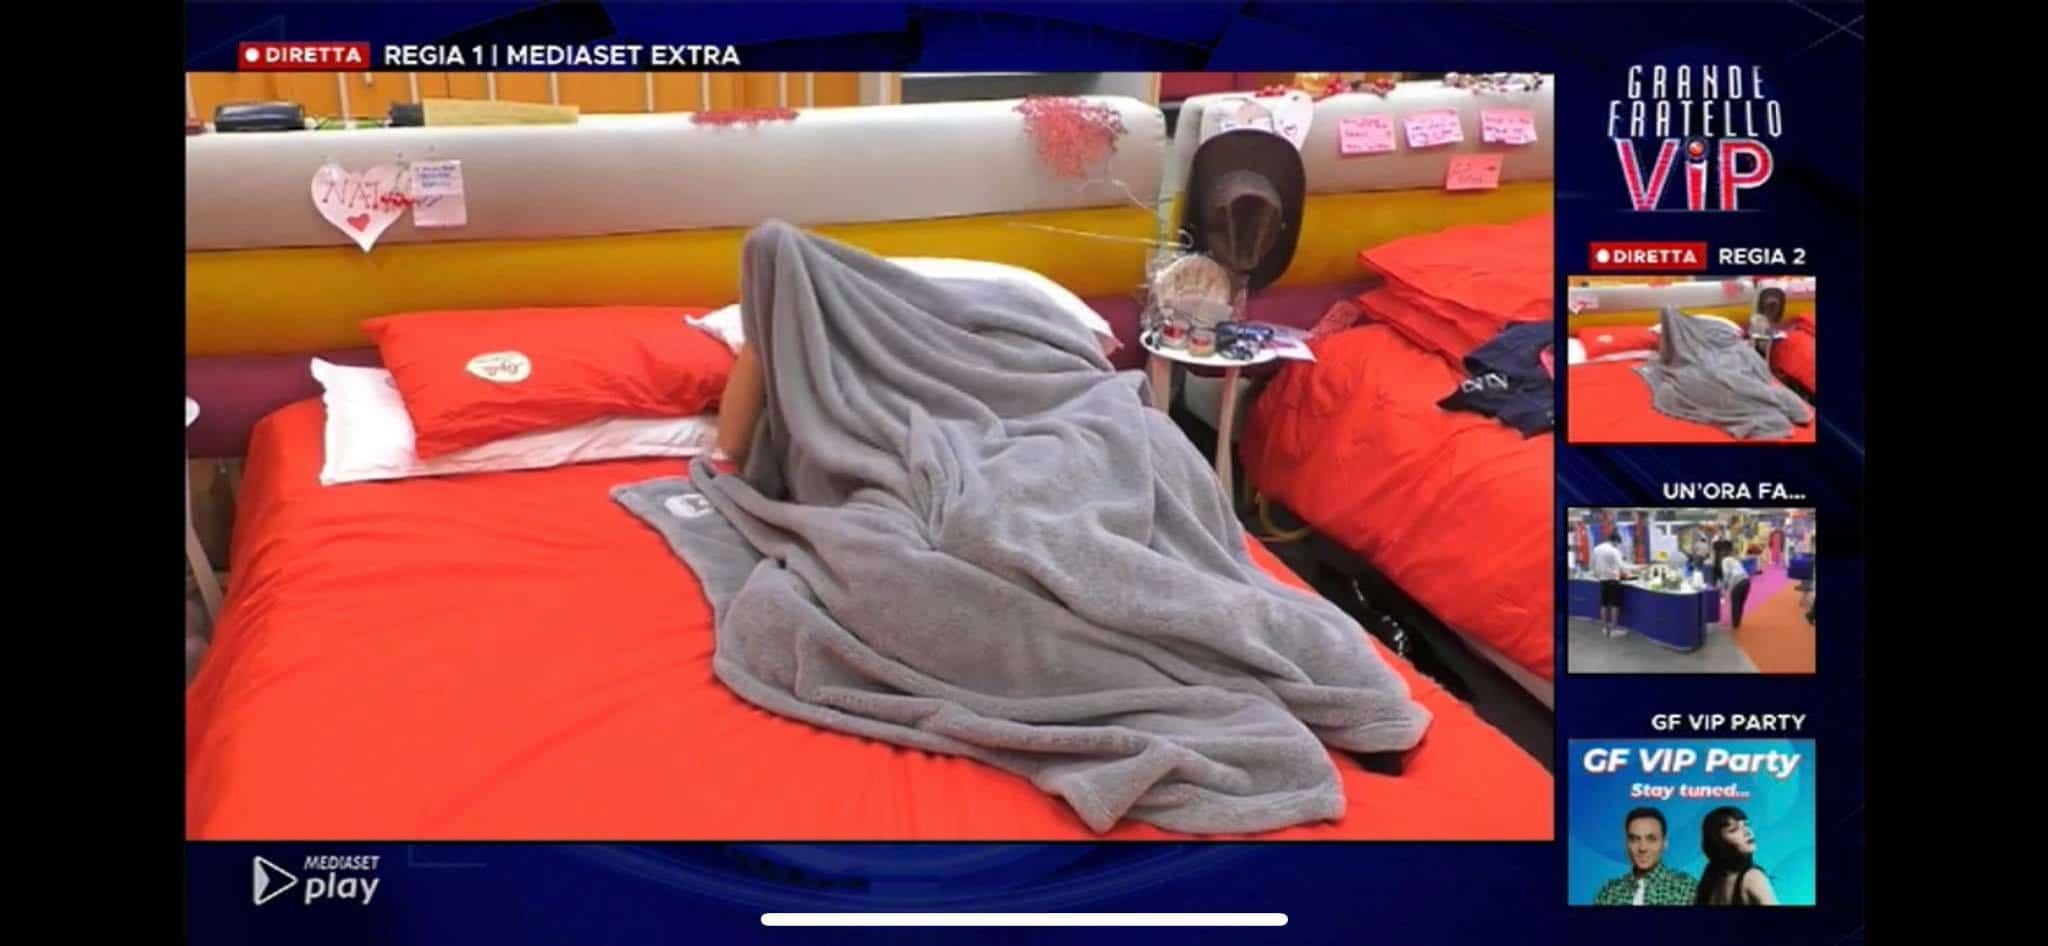 Giulia Salemi e Pierpaolo sempre più vicini tra baci e coccole sotto le coperte al GF VIP 5 (VIDEO)